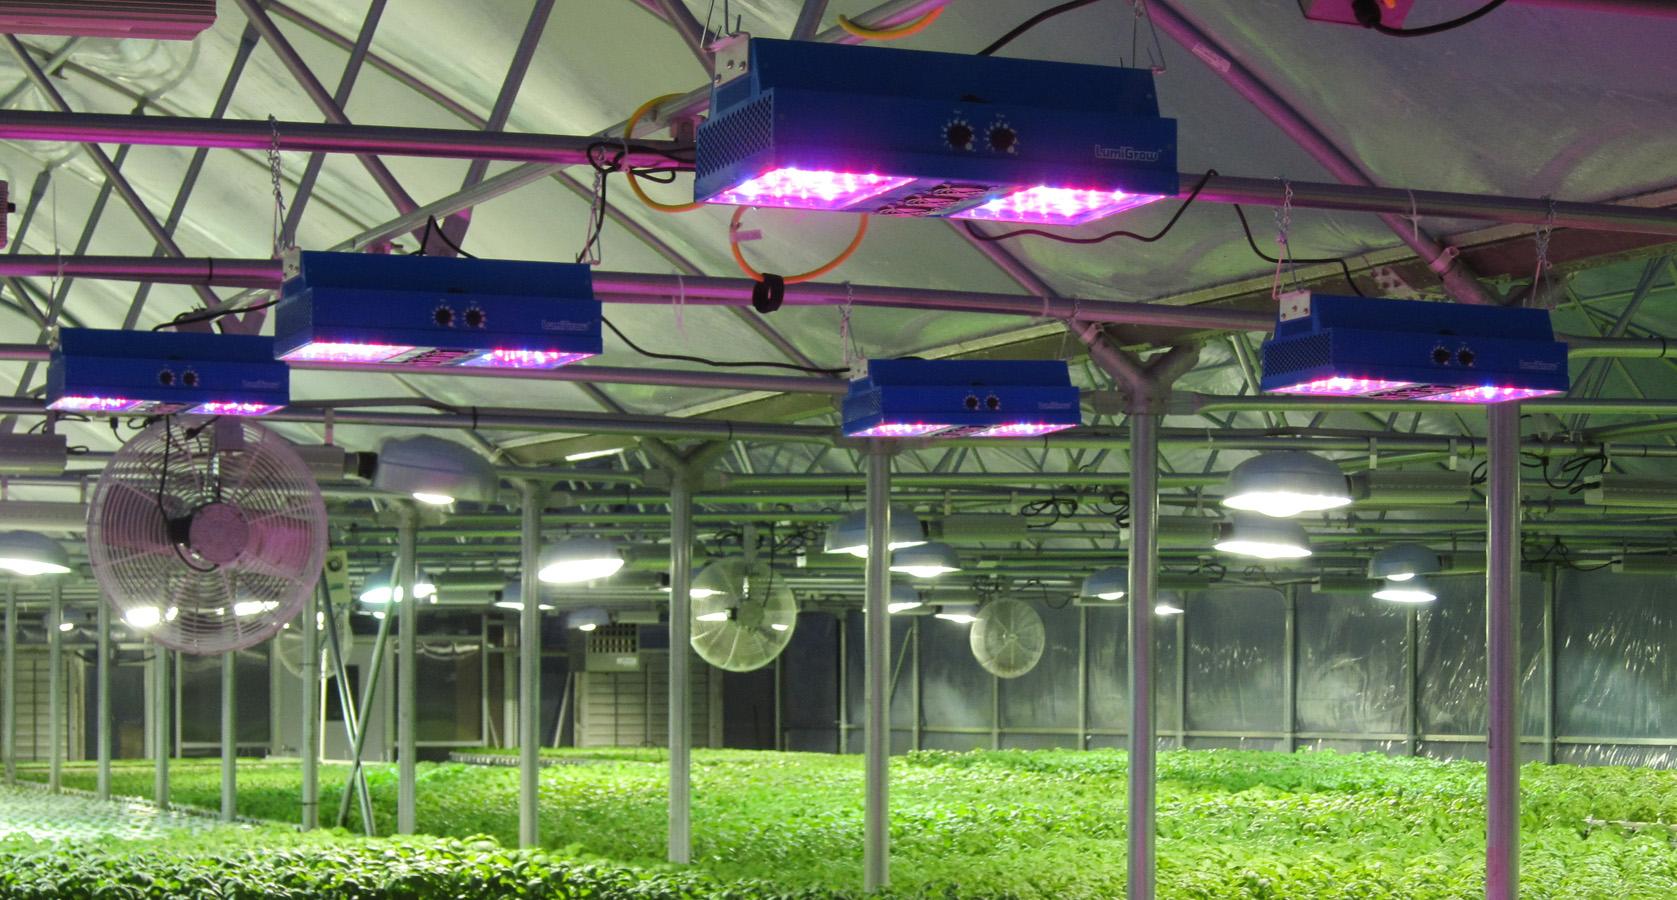 乡村振兴战略有望带动LED植物照明市场需求上涨